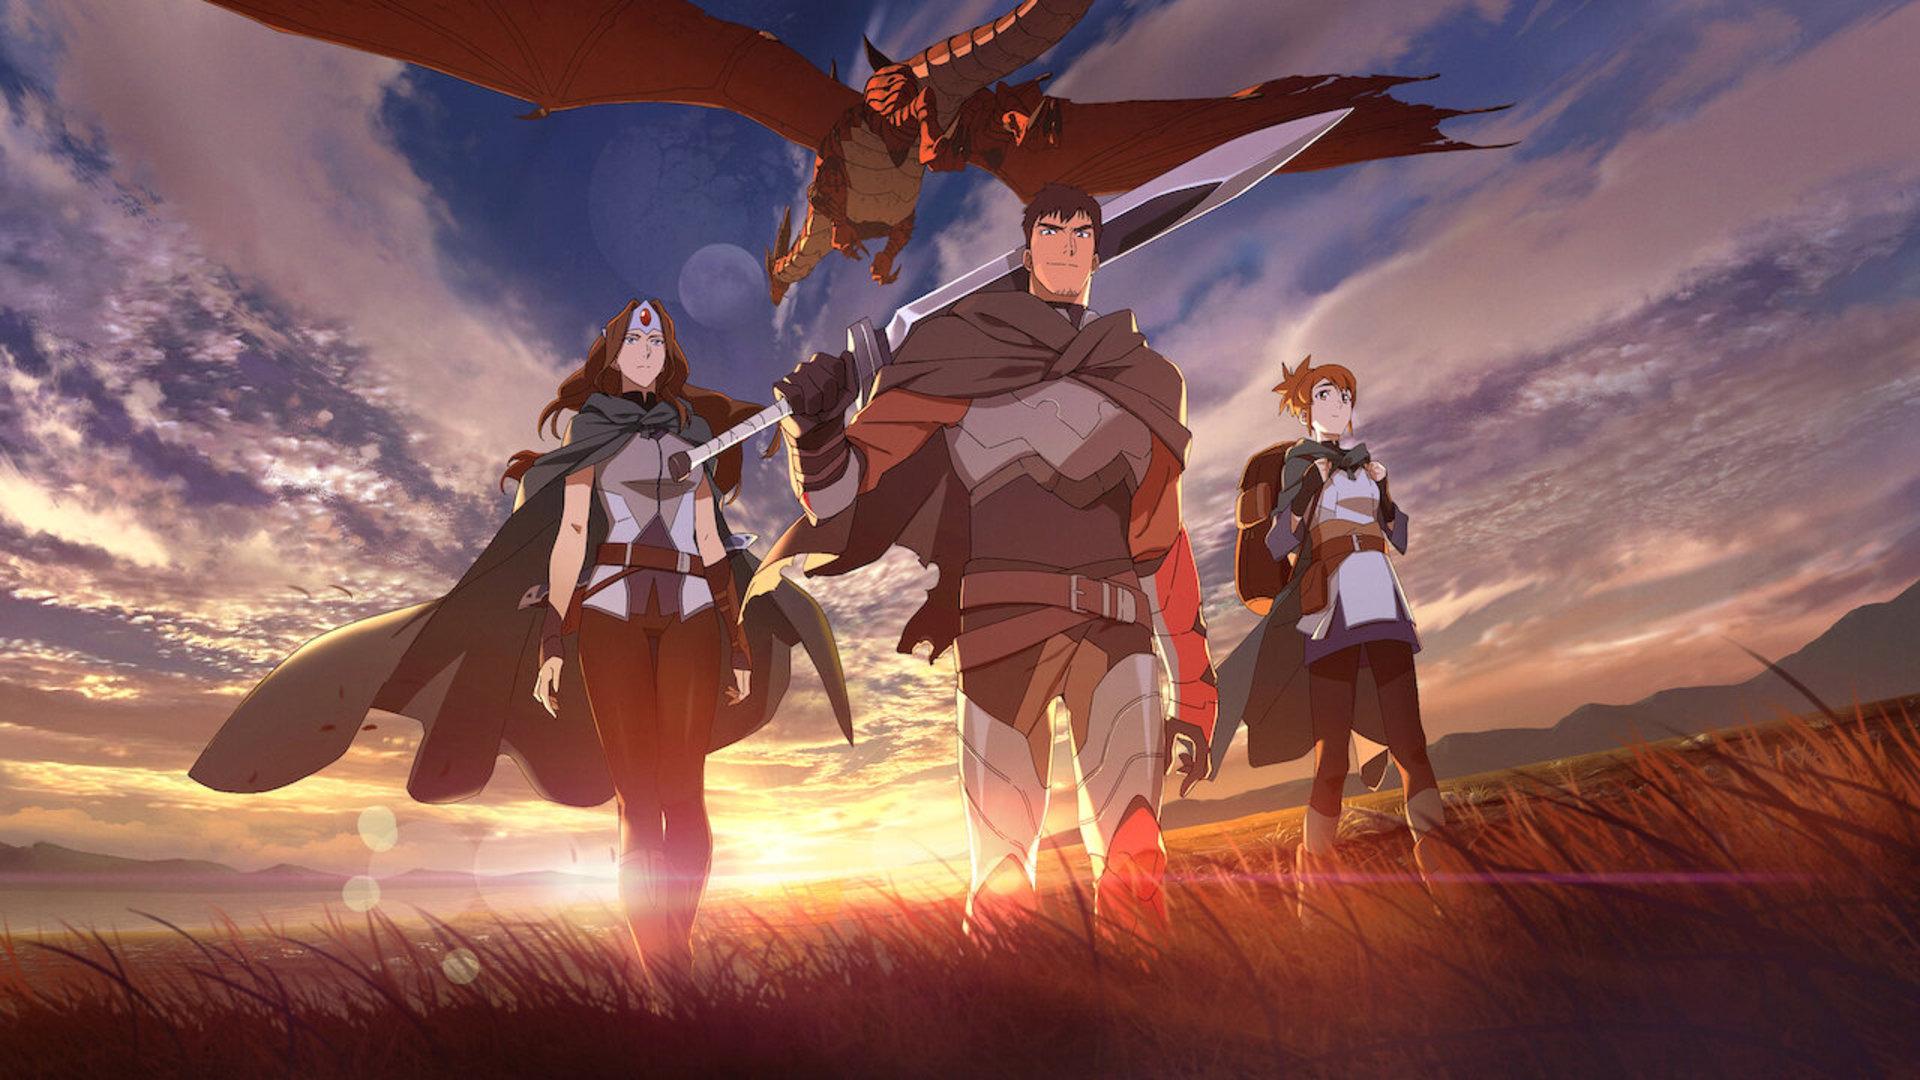 Anime DOTA: Dragon's Blood